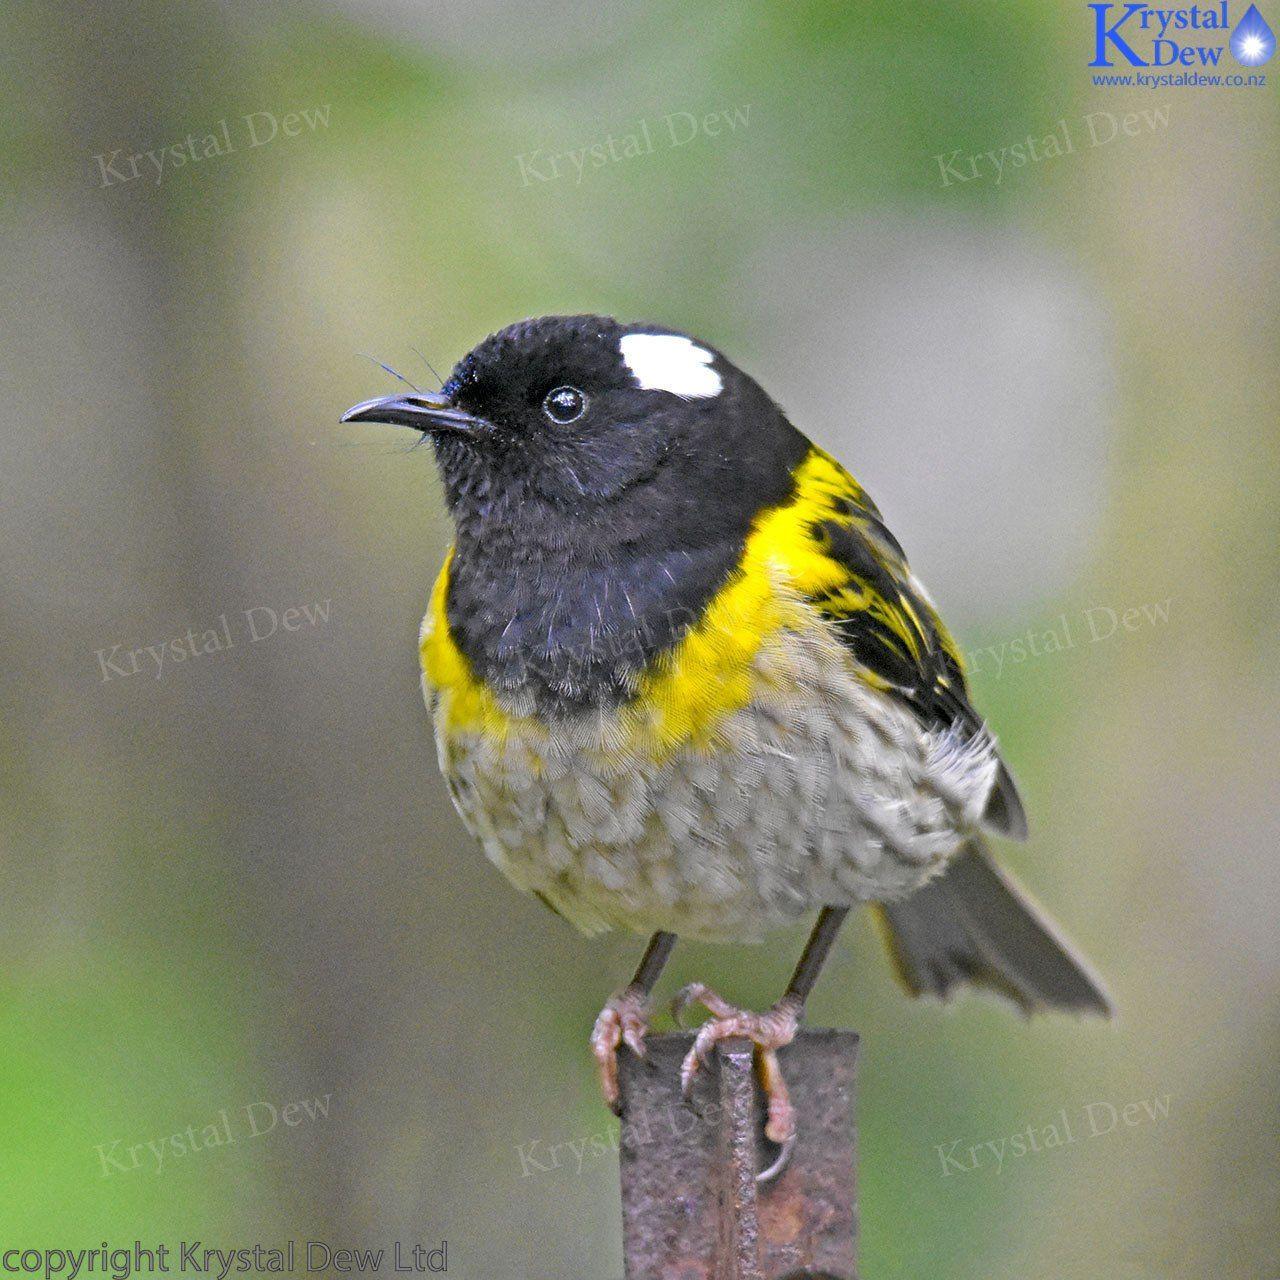 シロツノミツスイ Stitchbird, Hihi (Notiomystis cincta) | Beautiful ...